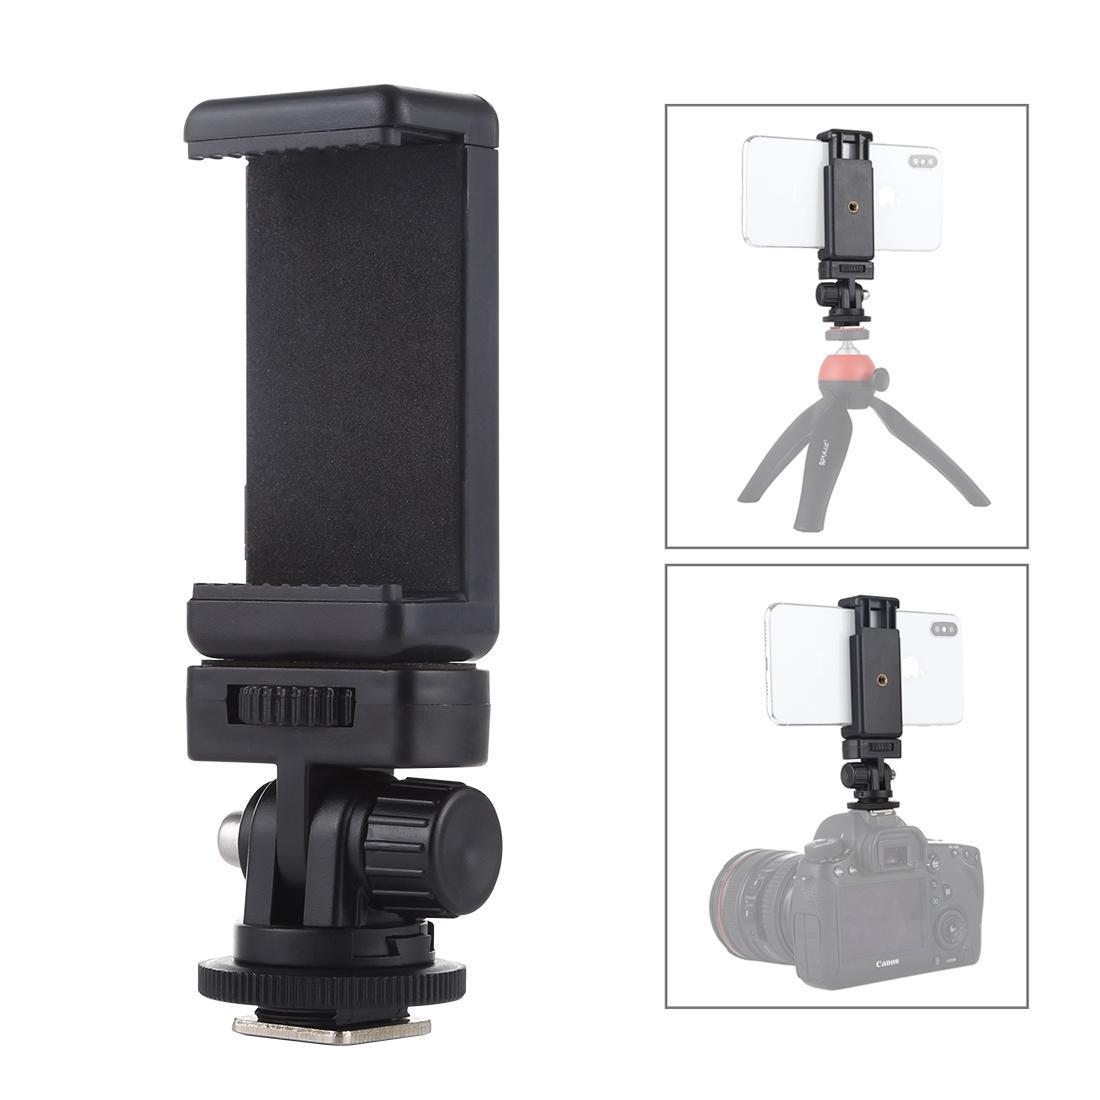 PULUZ 1/4 de polegada rosca Fria Shoe tripé adaptador de montagem com telefone da braçadeira